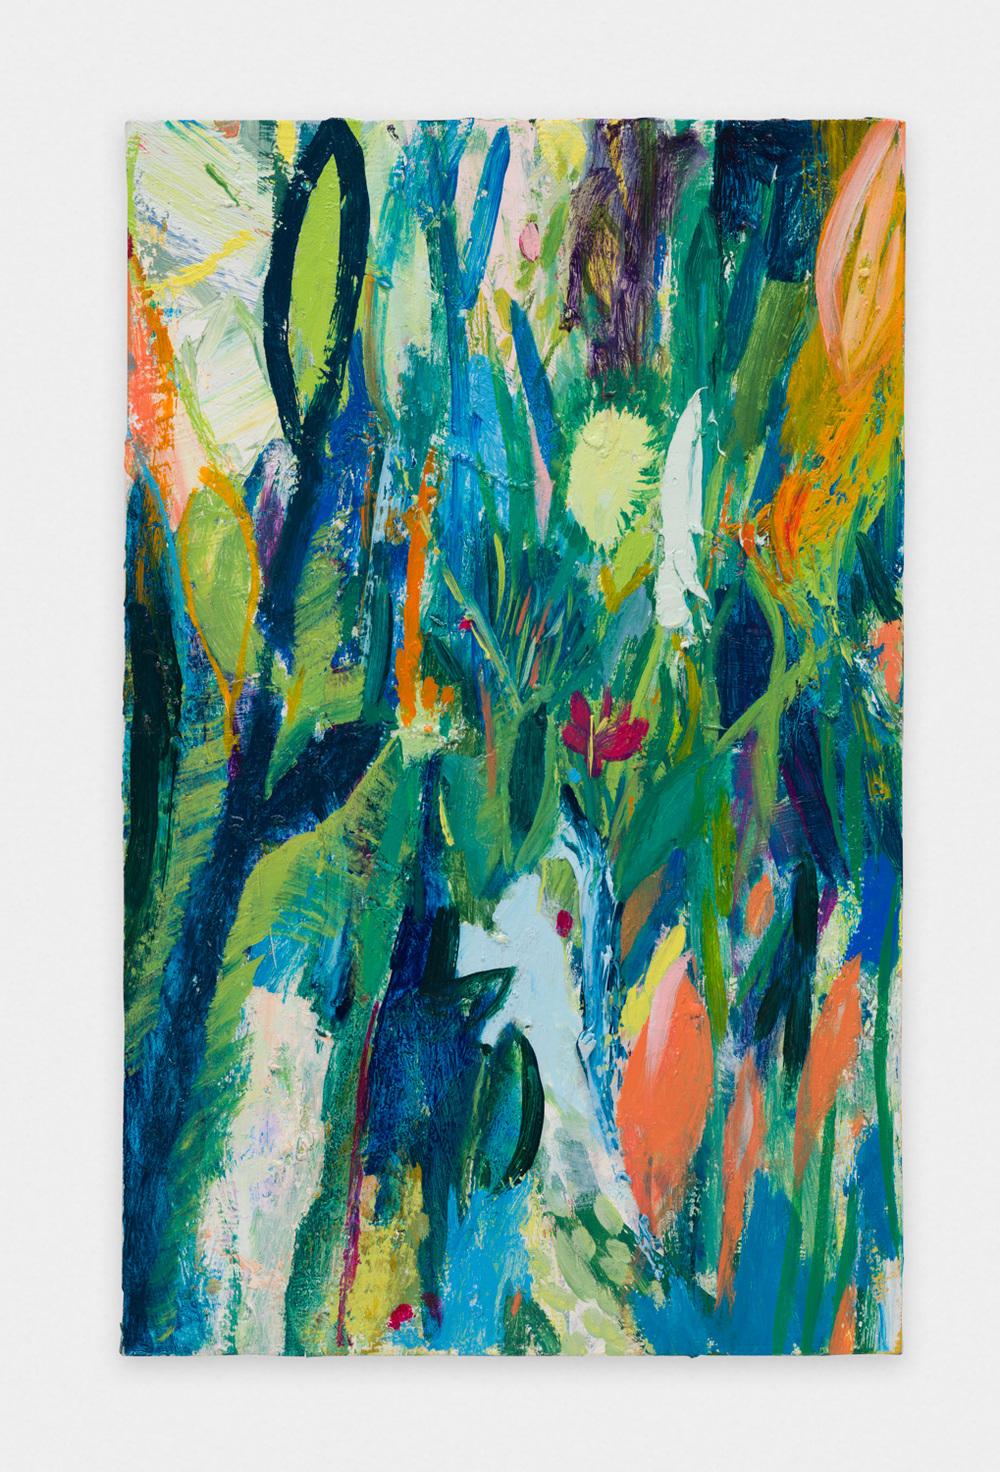 Miki Mochizuka  PF&YL  2015-2016 Oil on canvas 20.87h x 13.11w in (53h x 33.3w cm) MikiM010